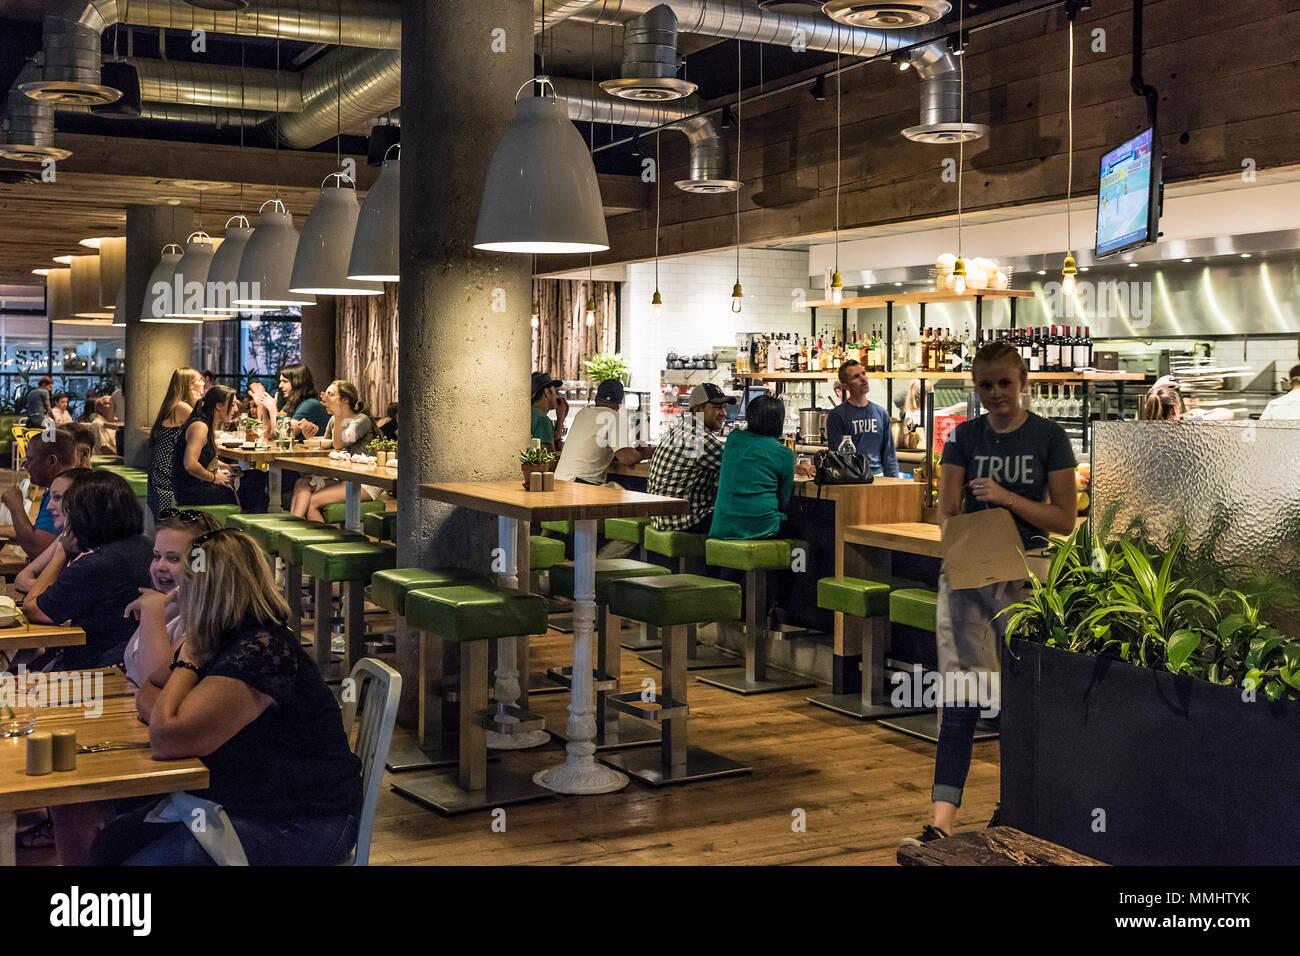 Único La Cocina Denver Componente - Como Decorar la Cocina - yuhoo.info